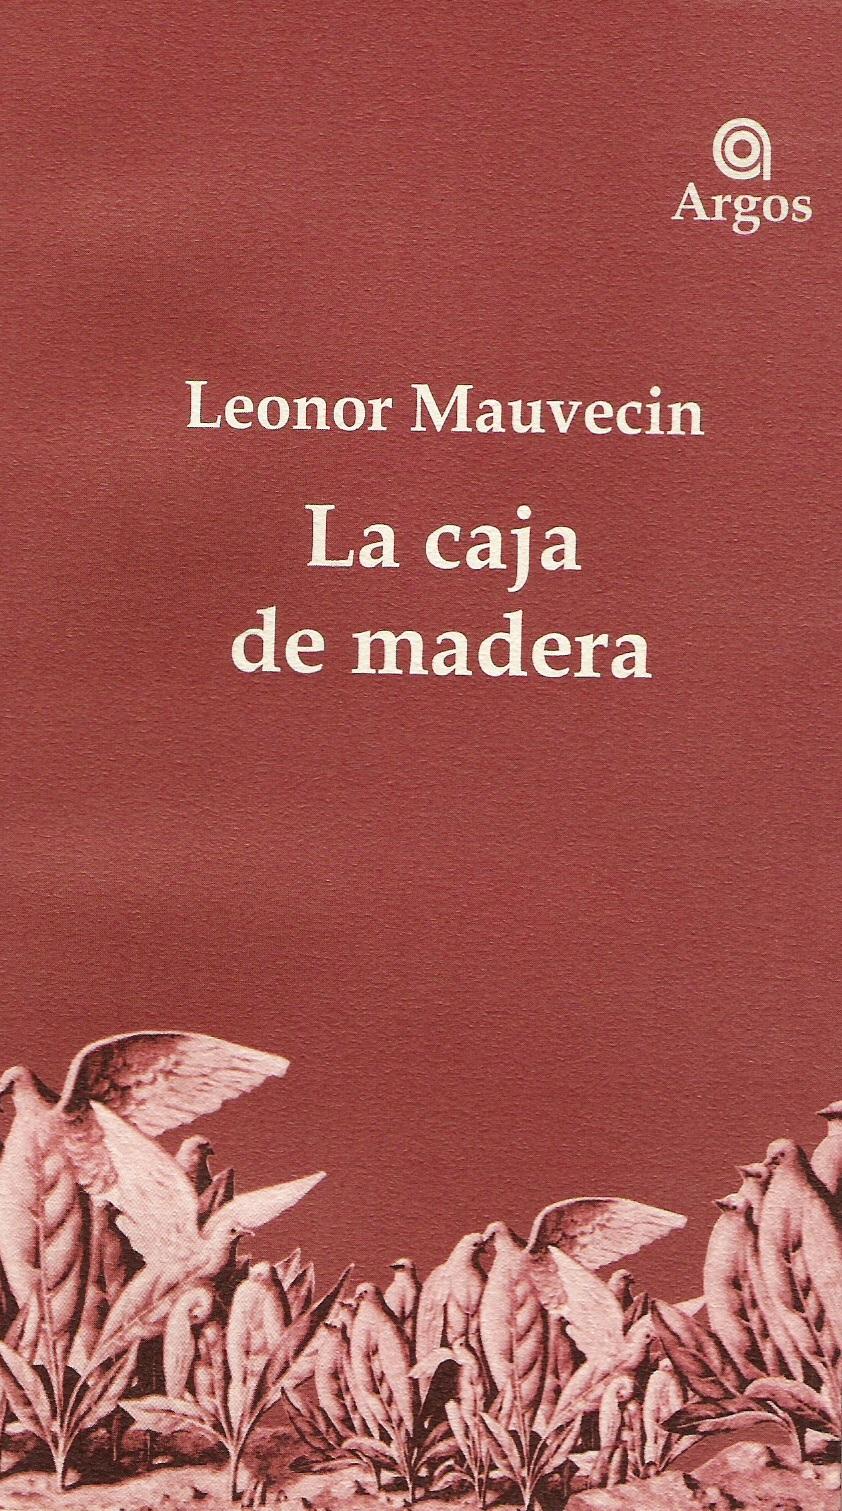 Libro Mauvecin 1 – La caja de madera